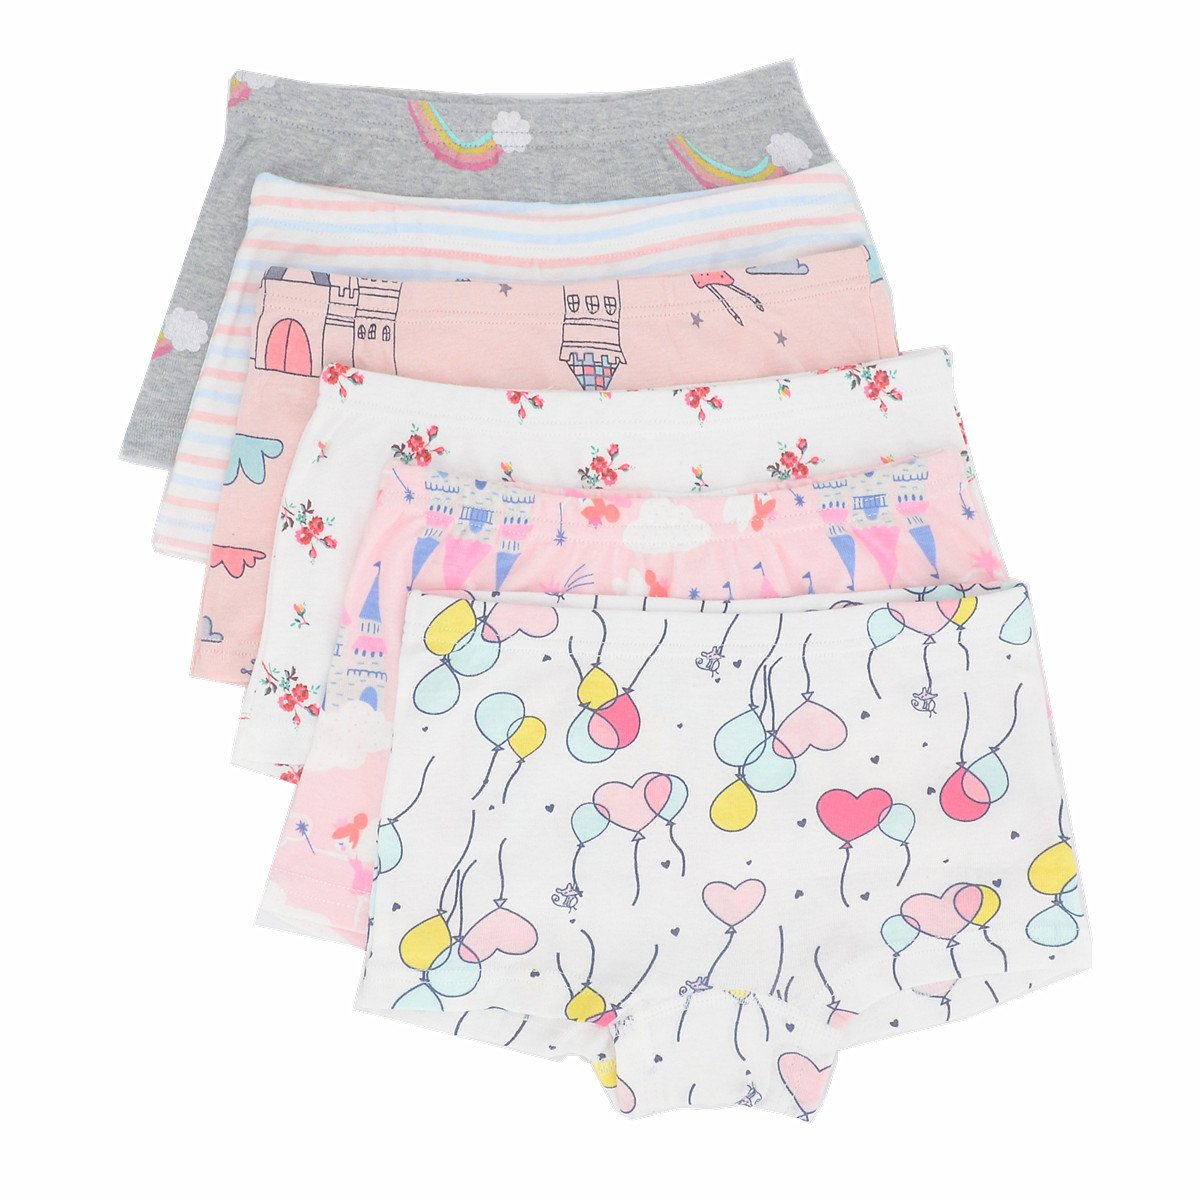 Toddler Little Girls Boyshort Panties Kids Cotton Briefs Underwear Set 6 Pack (3T-4T, Style1)